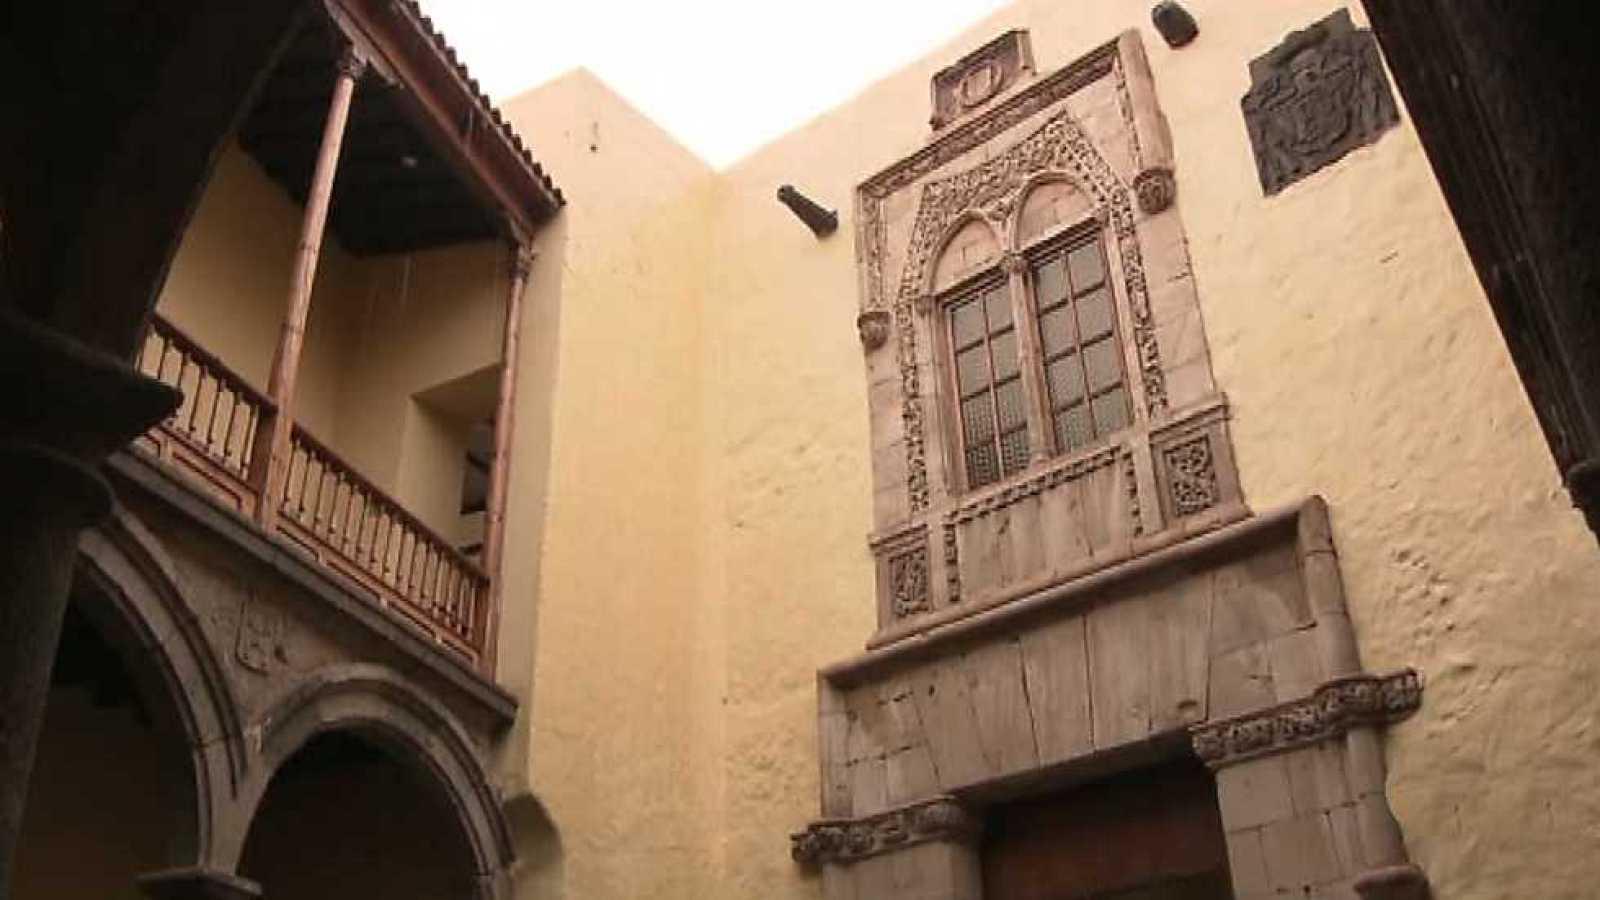 Shalom - Conocemos la comunidad judía de Canarias - Ver ahora